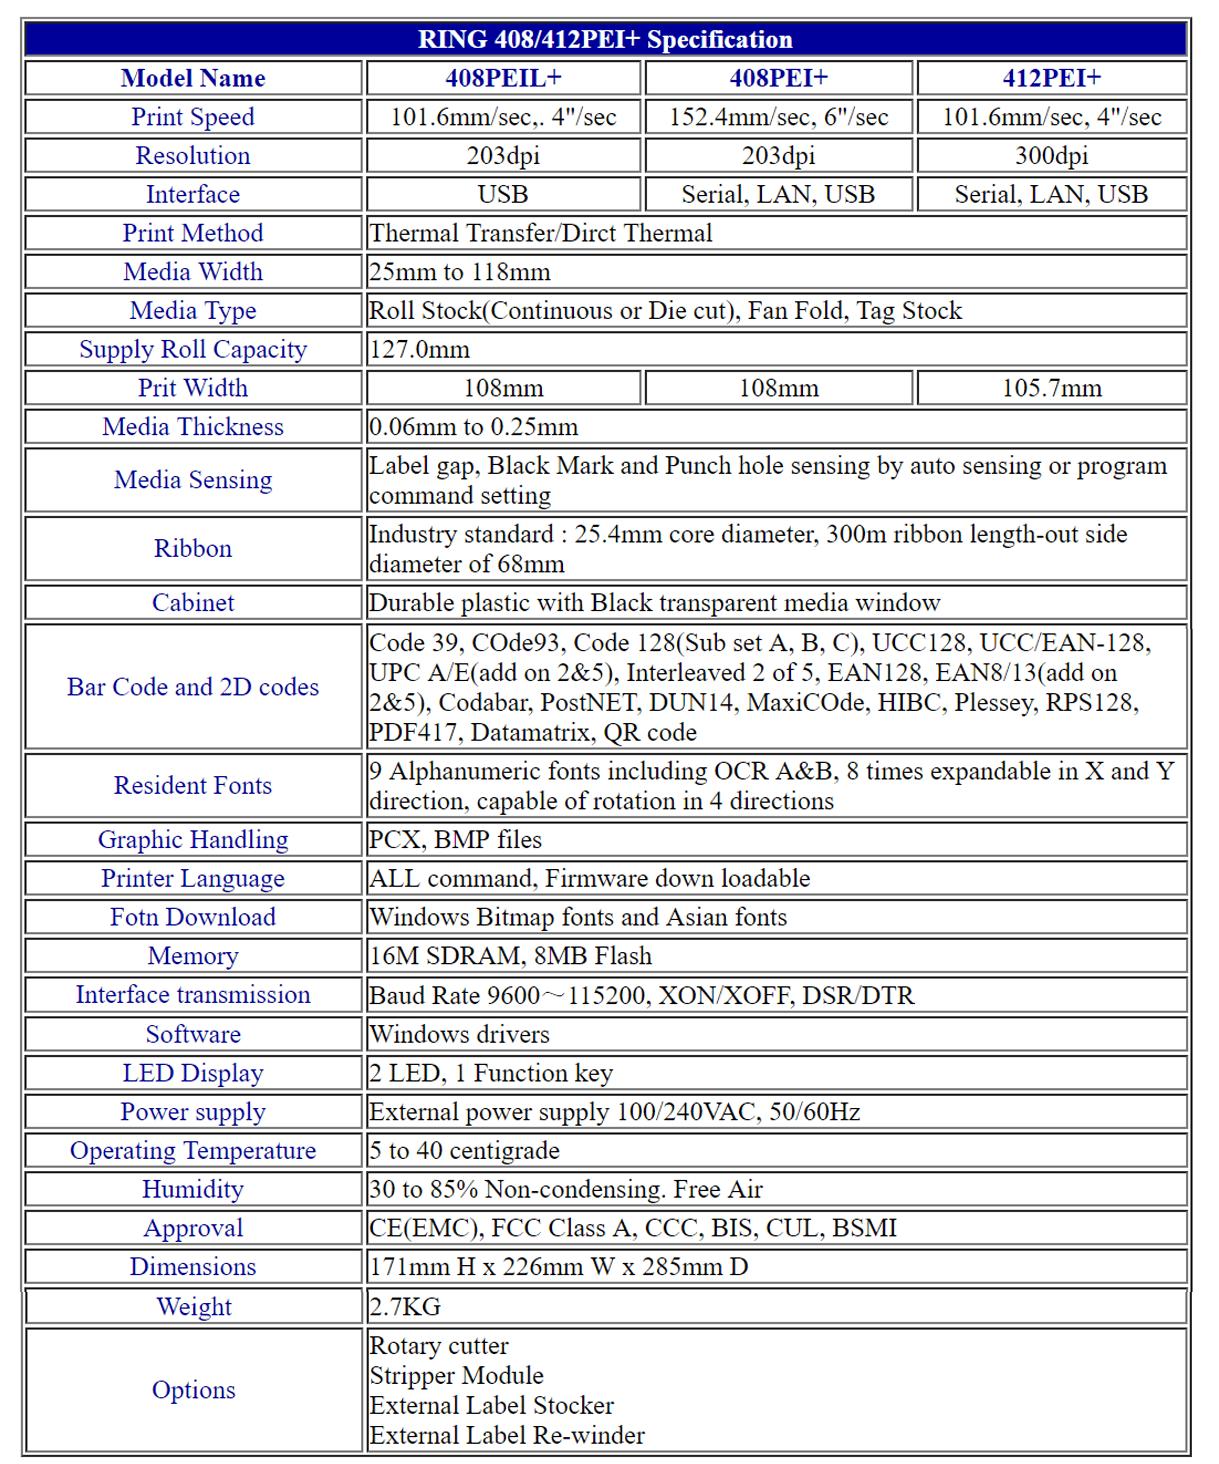 Thông số kỹ thuật máy in mã vạch Ring 412PEI+